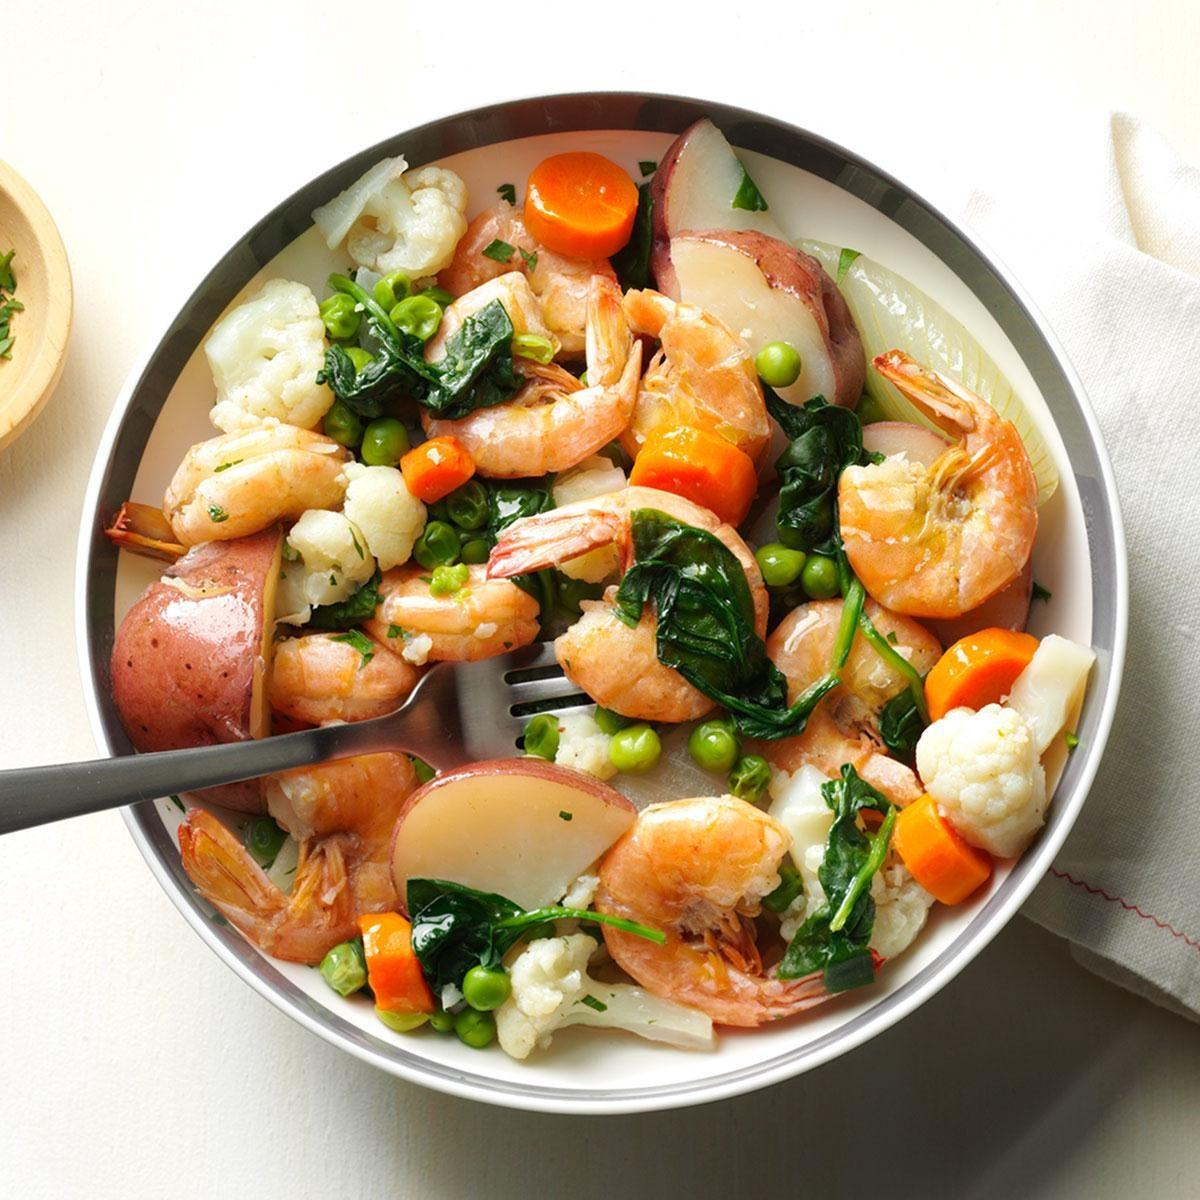 Shrimp & Vegetable Boil